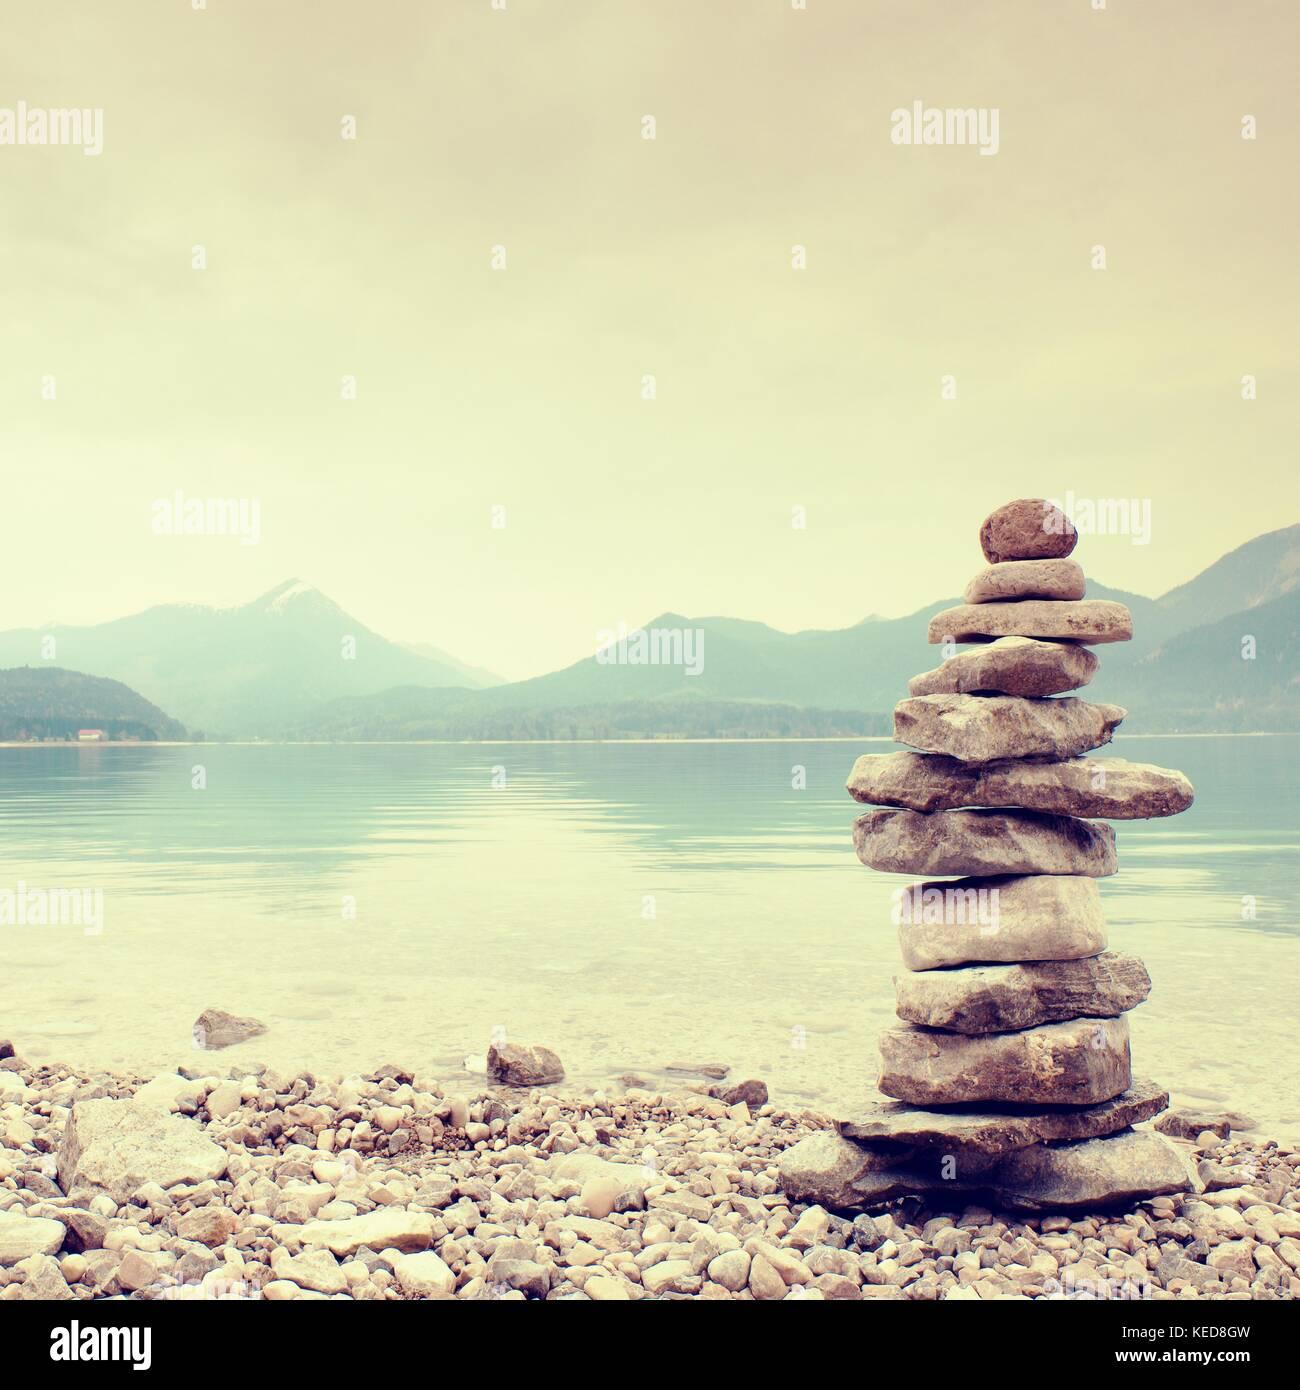 Ausgewogene Stein Pyramide für Speicher. steinigen Ufer des blauen Wasser des Bergsees mit Niveau Spiegel. Stockbild